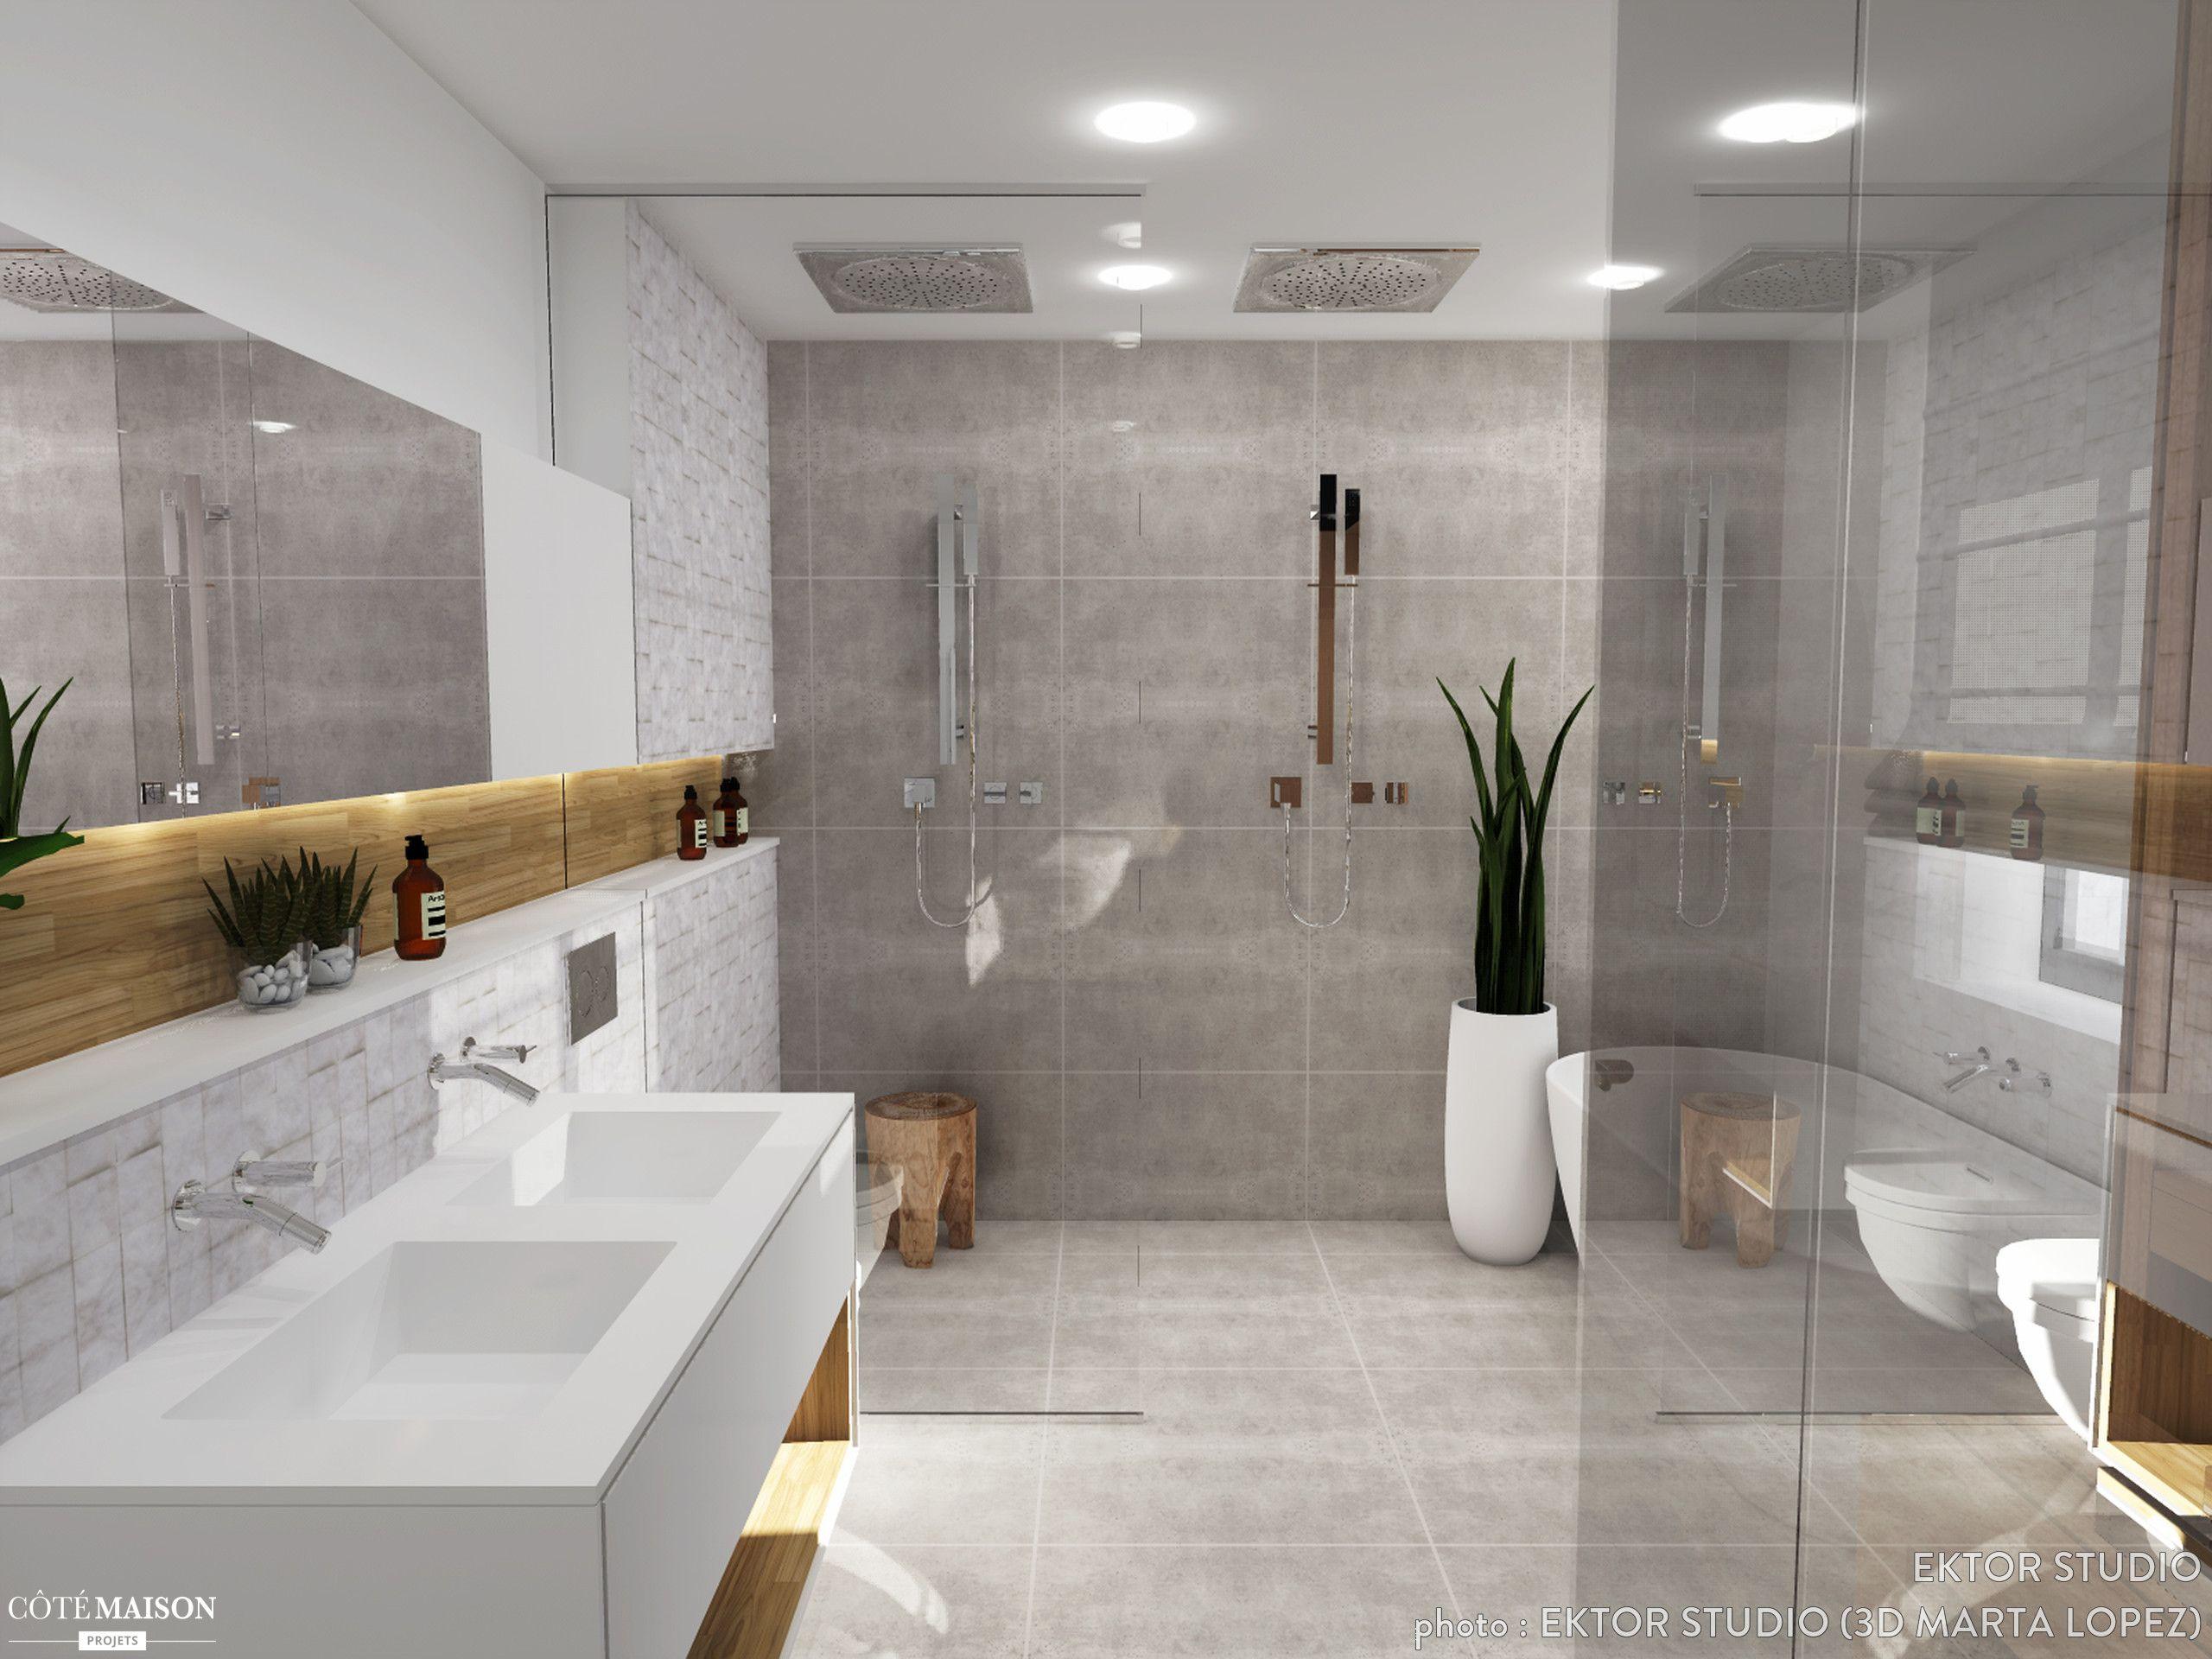 Maquette Dune Salle De Bains Pour Une Suite Parentale Plans - Cote maison salle de bain